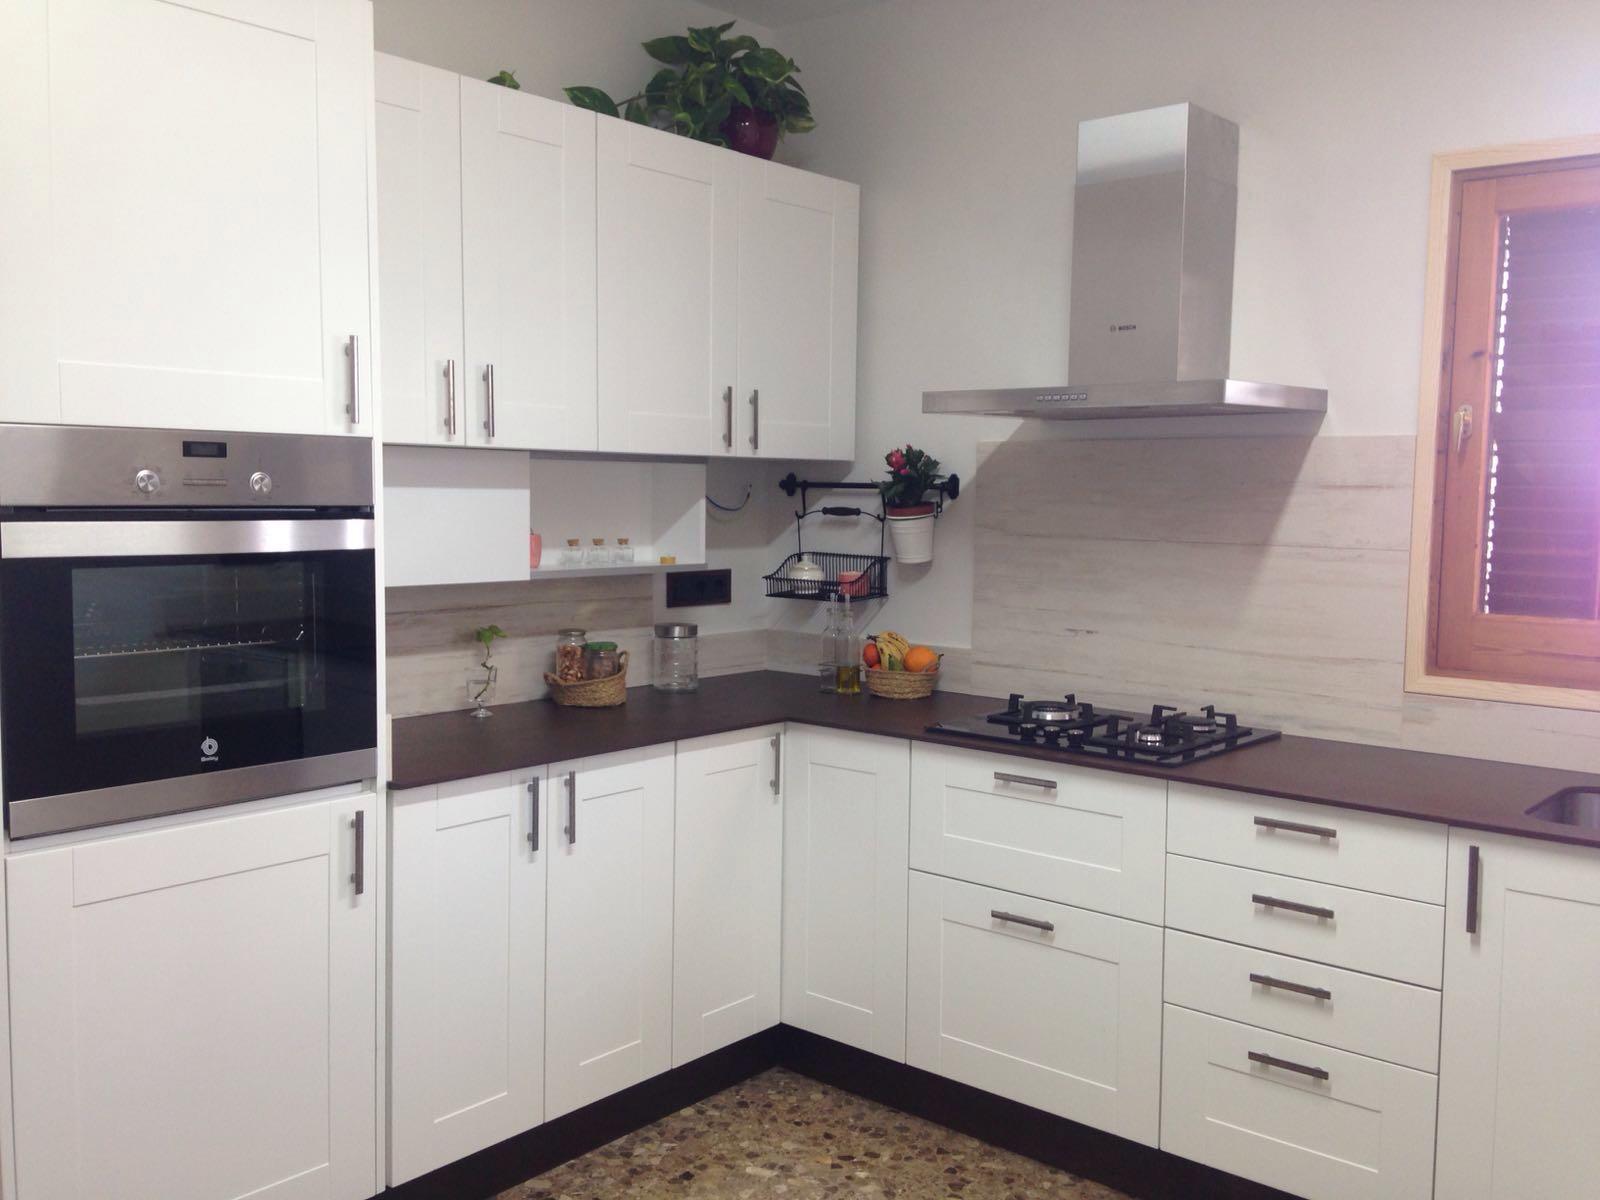 muebles de cocina ibiza – Eivicuines Eva Palerm